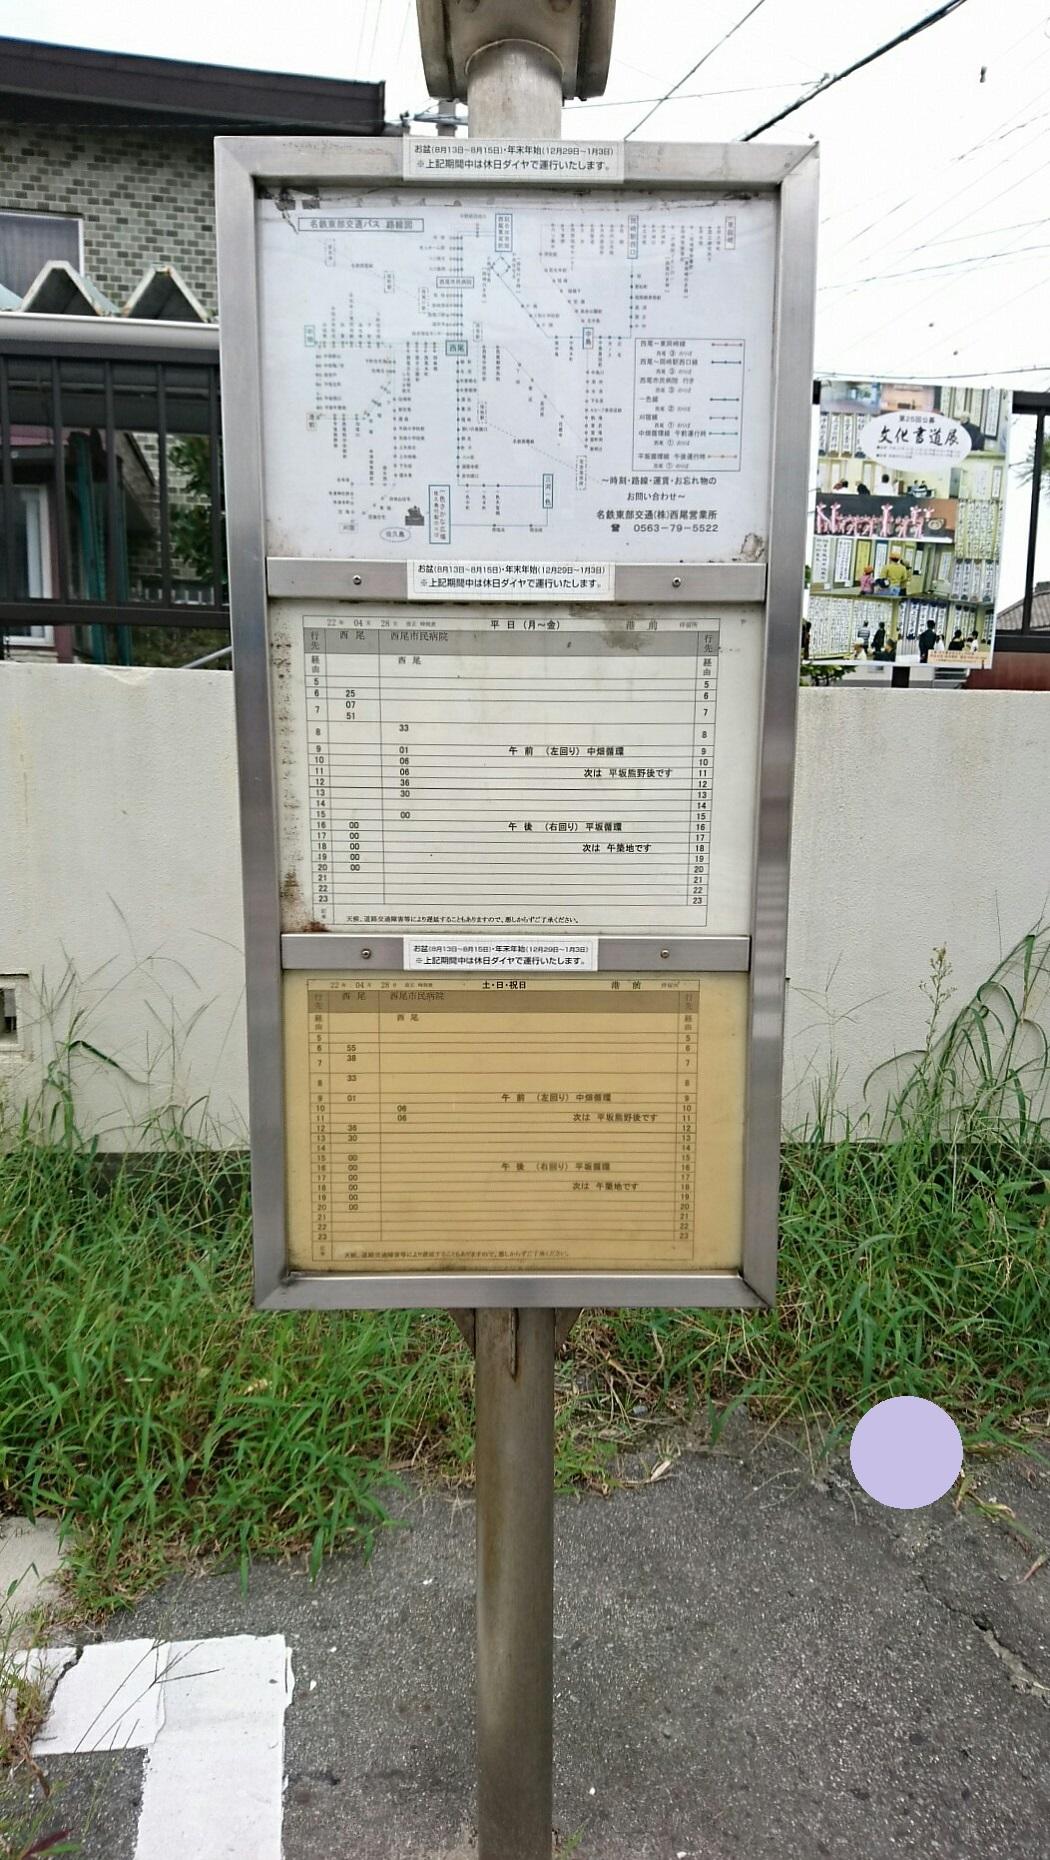 2017.9.27 平坂 (49) 港前バス停 1050-1860